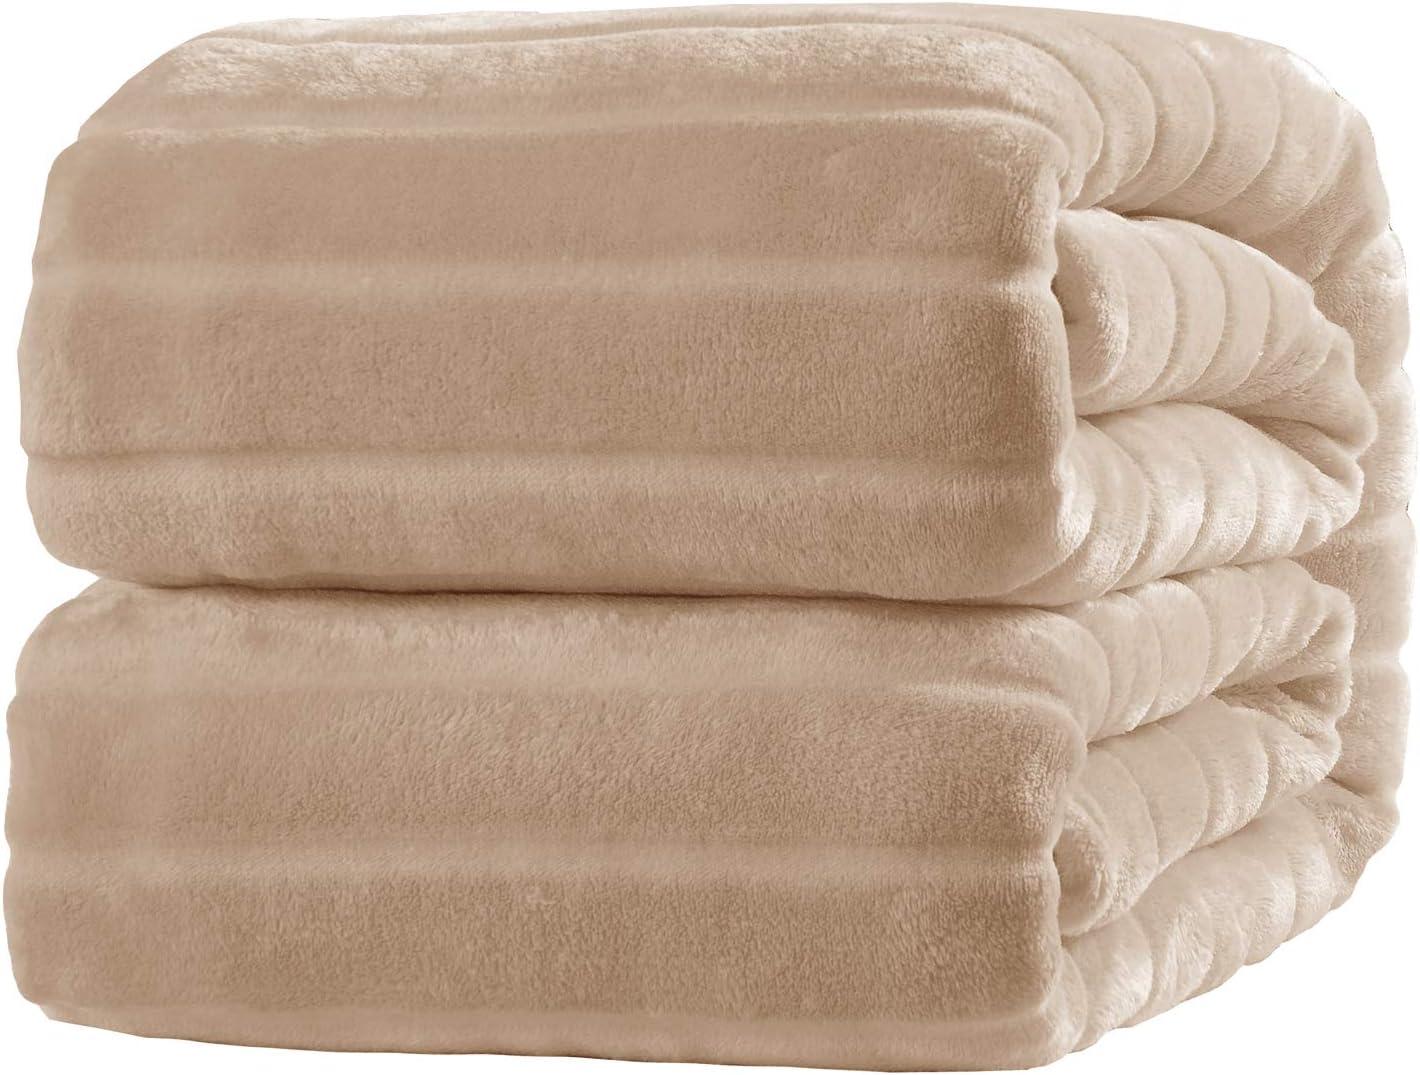 Bertte Ultra Soft Fluffy Warm Cozy Velvet Throw Blanket, 50